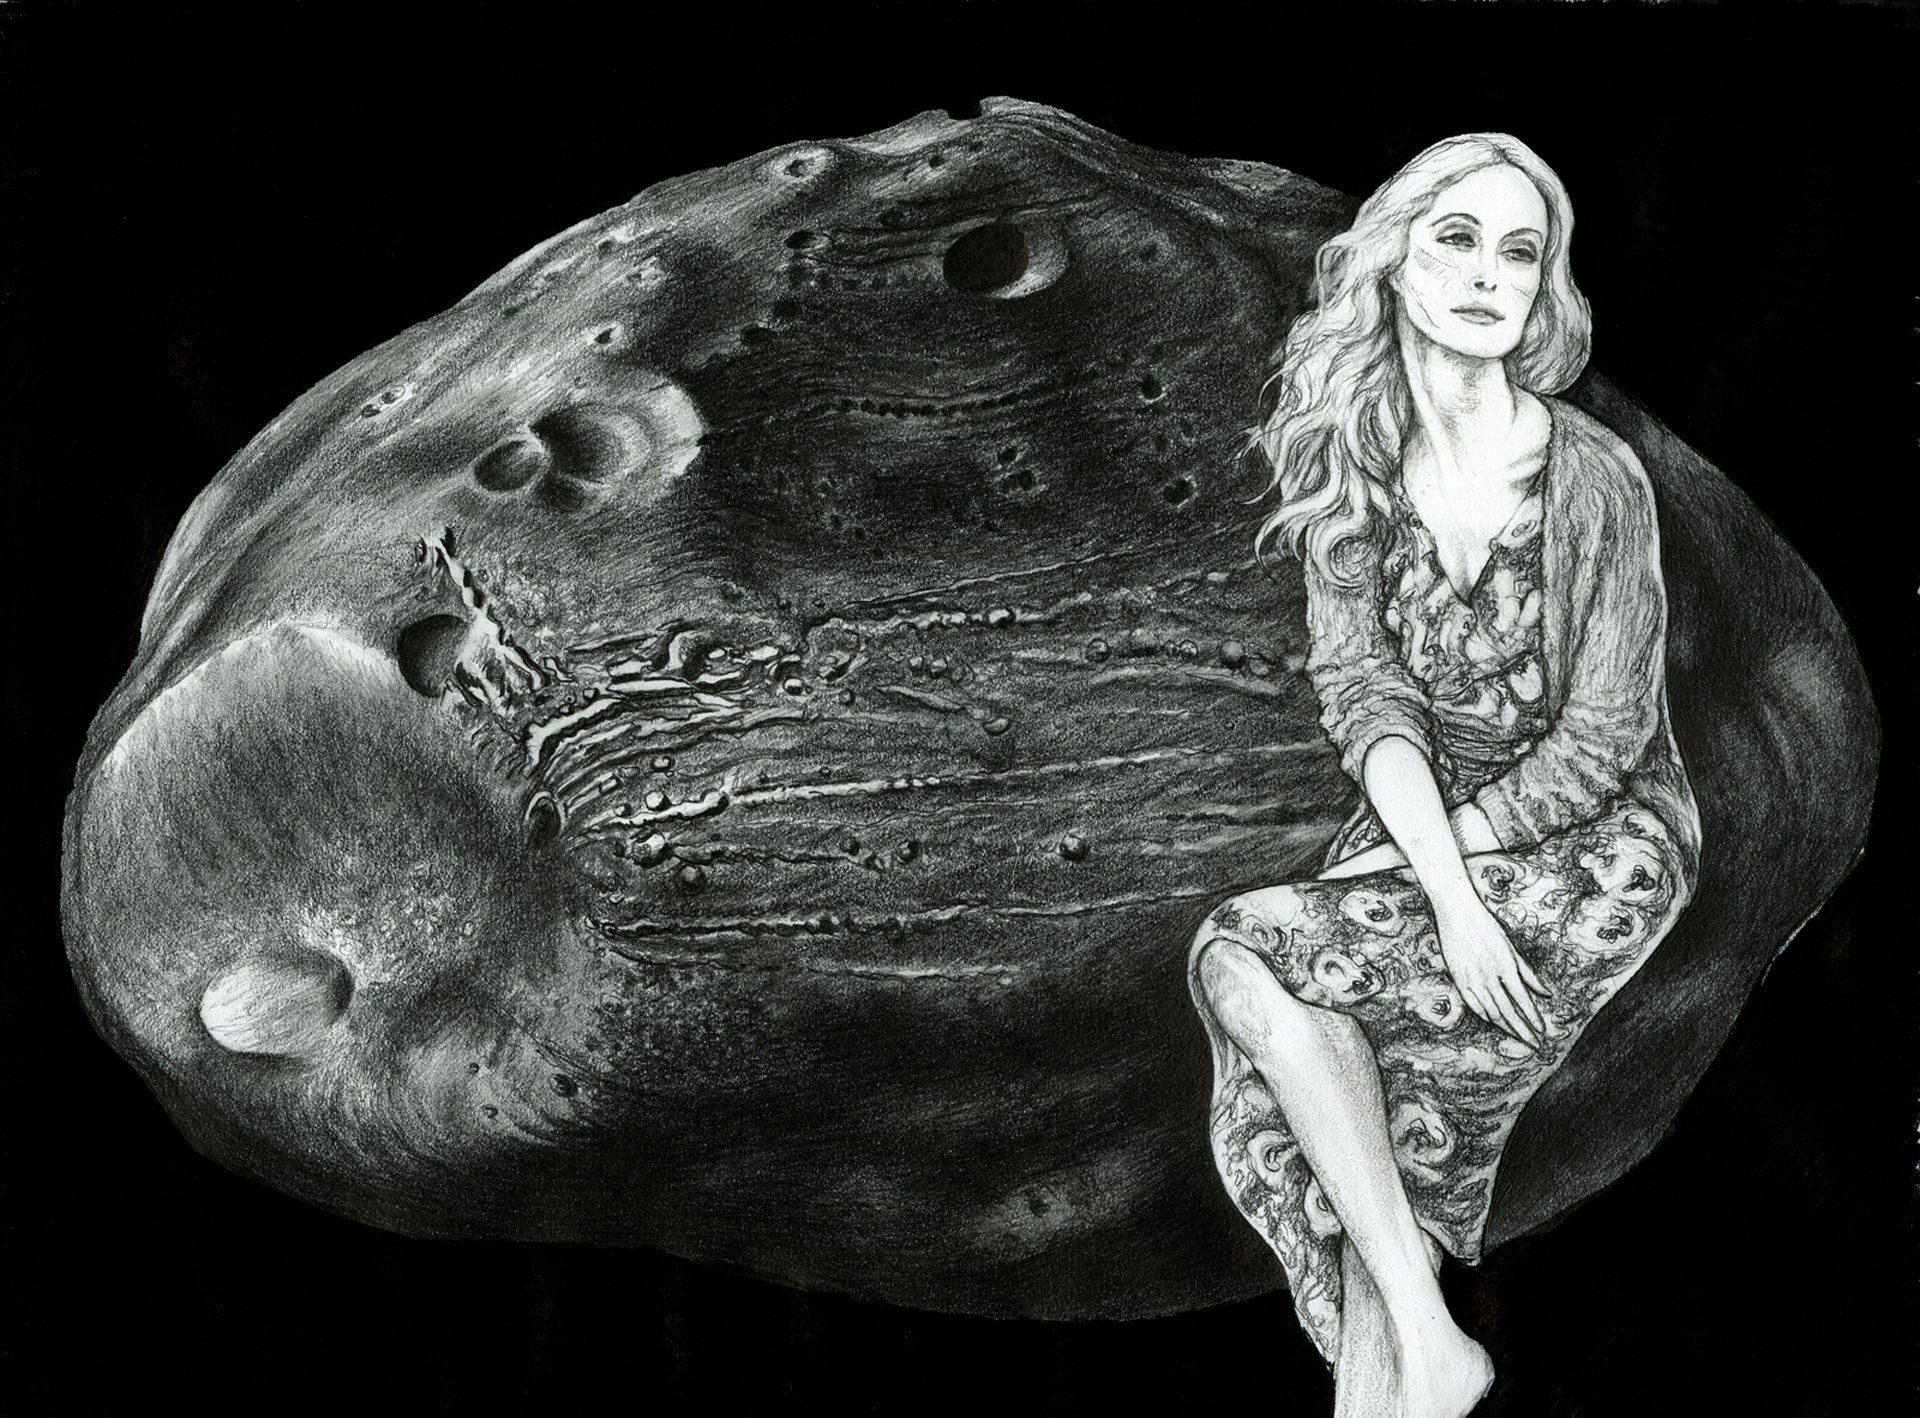 Phobos: The Confrontation